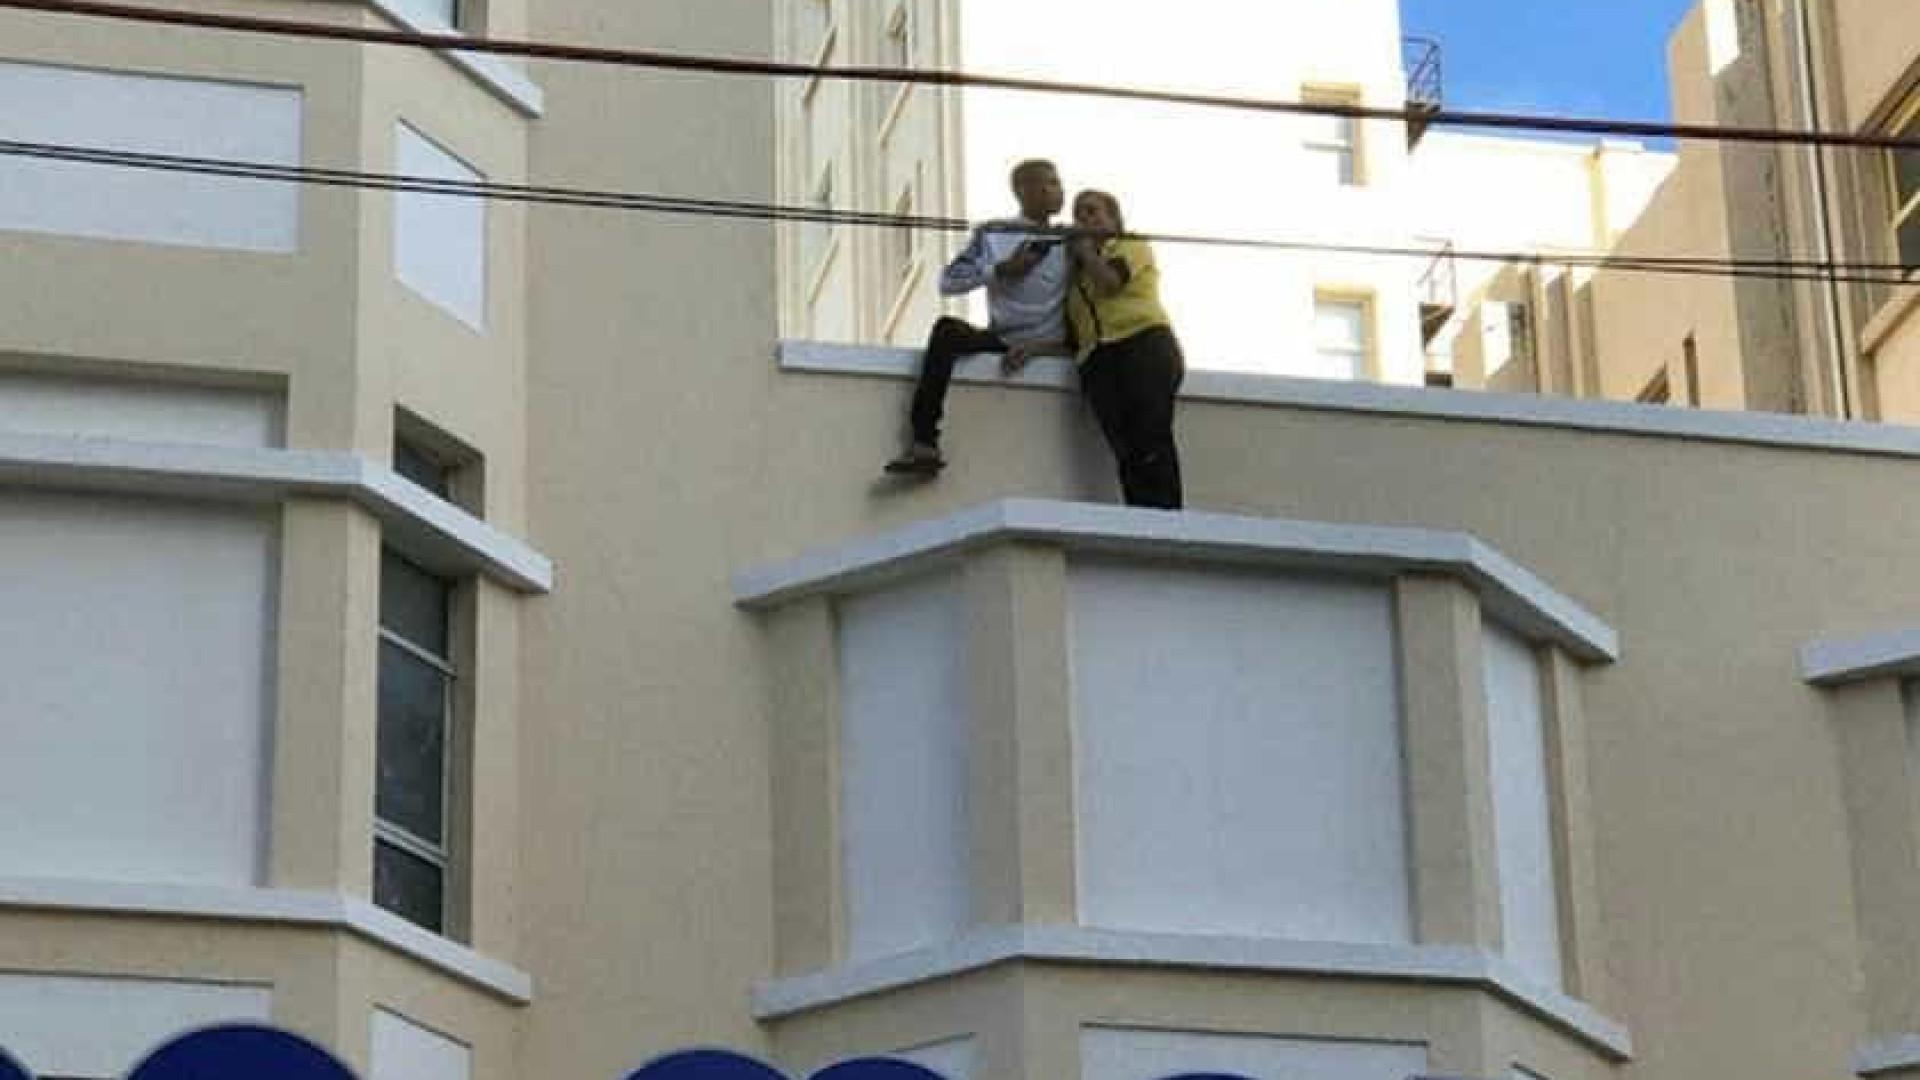 Em Fortaleza, sequestro é transmitido ao vivo no Facebook